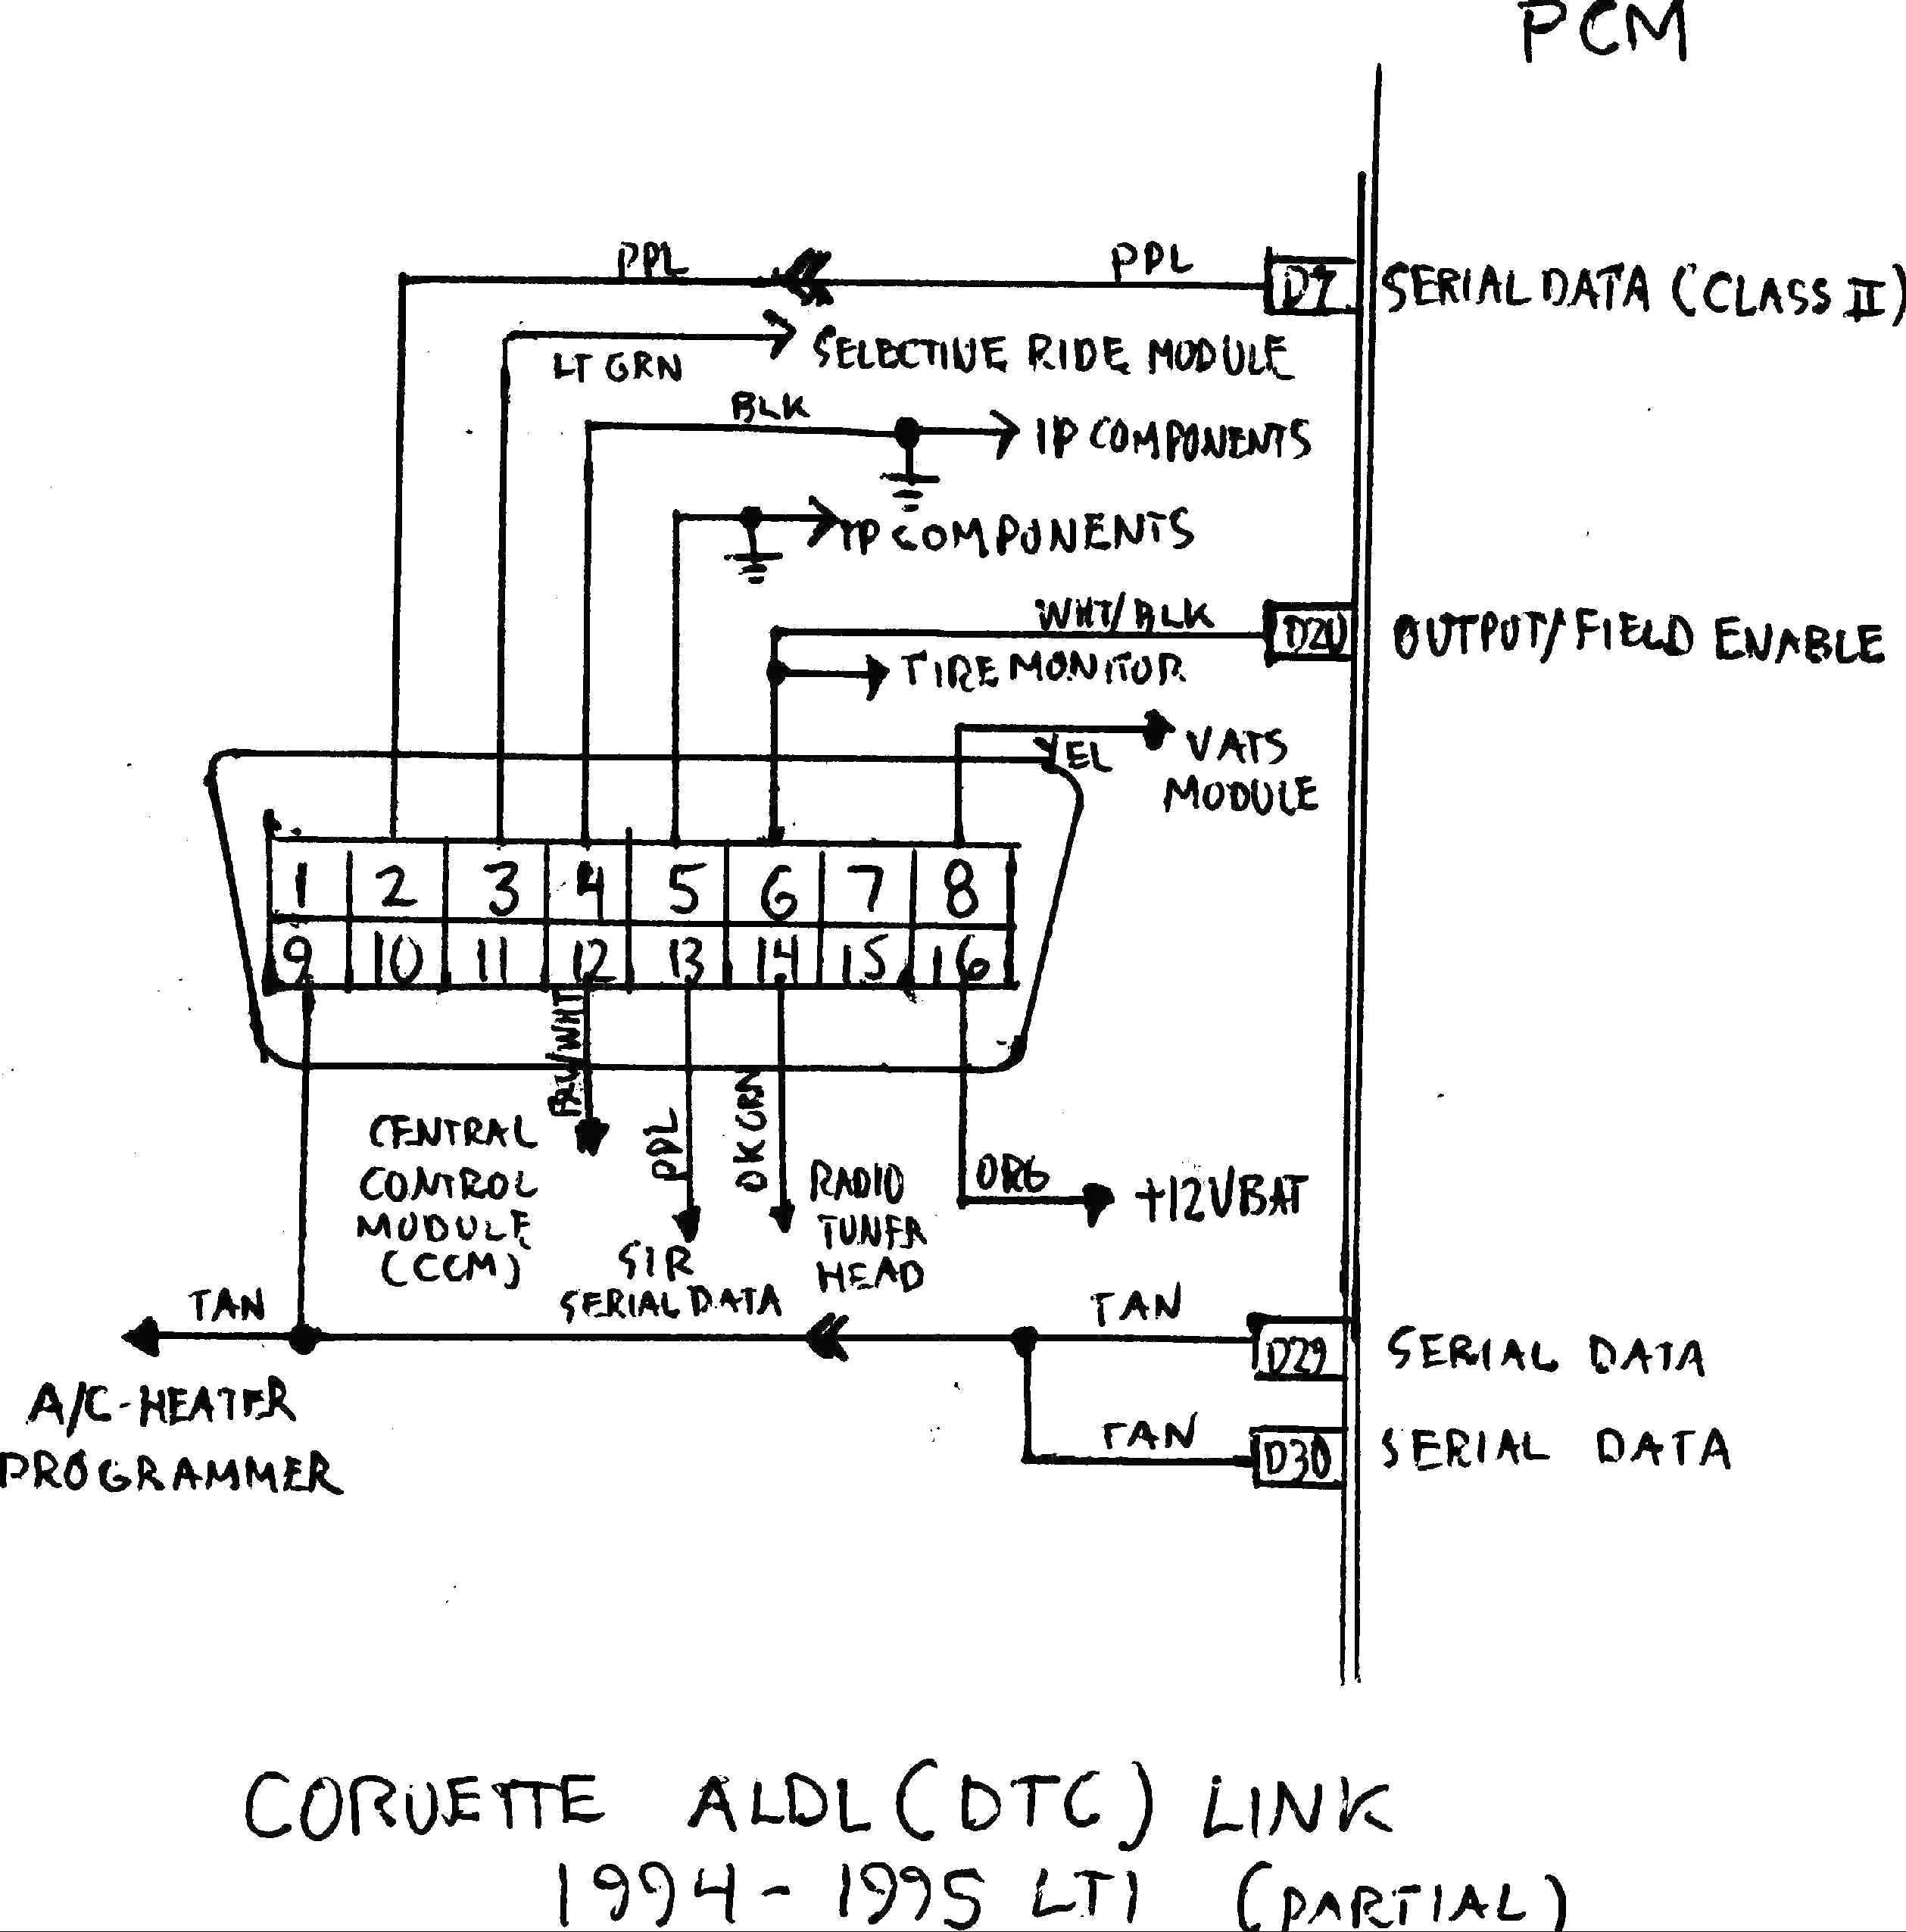 Obd2 Plug Wiring Diagram - Wiring Diagrams Load Data Plug Wiring Diagram on